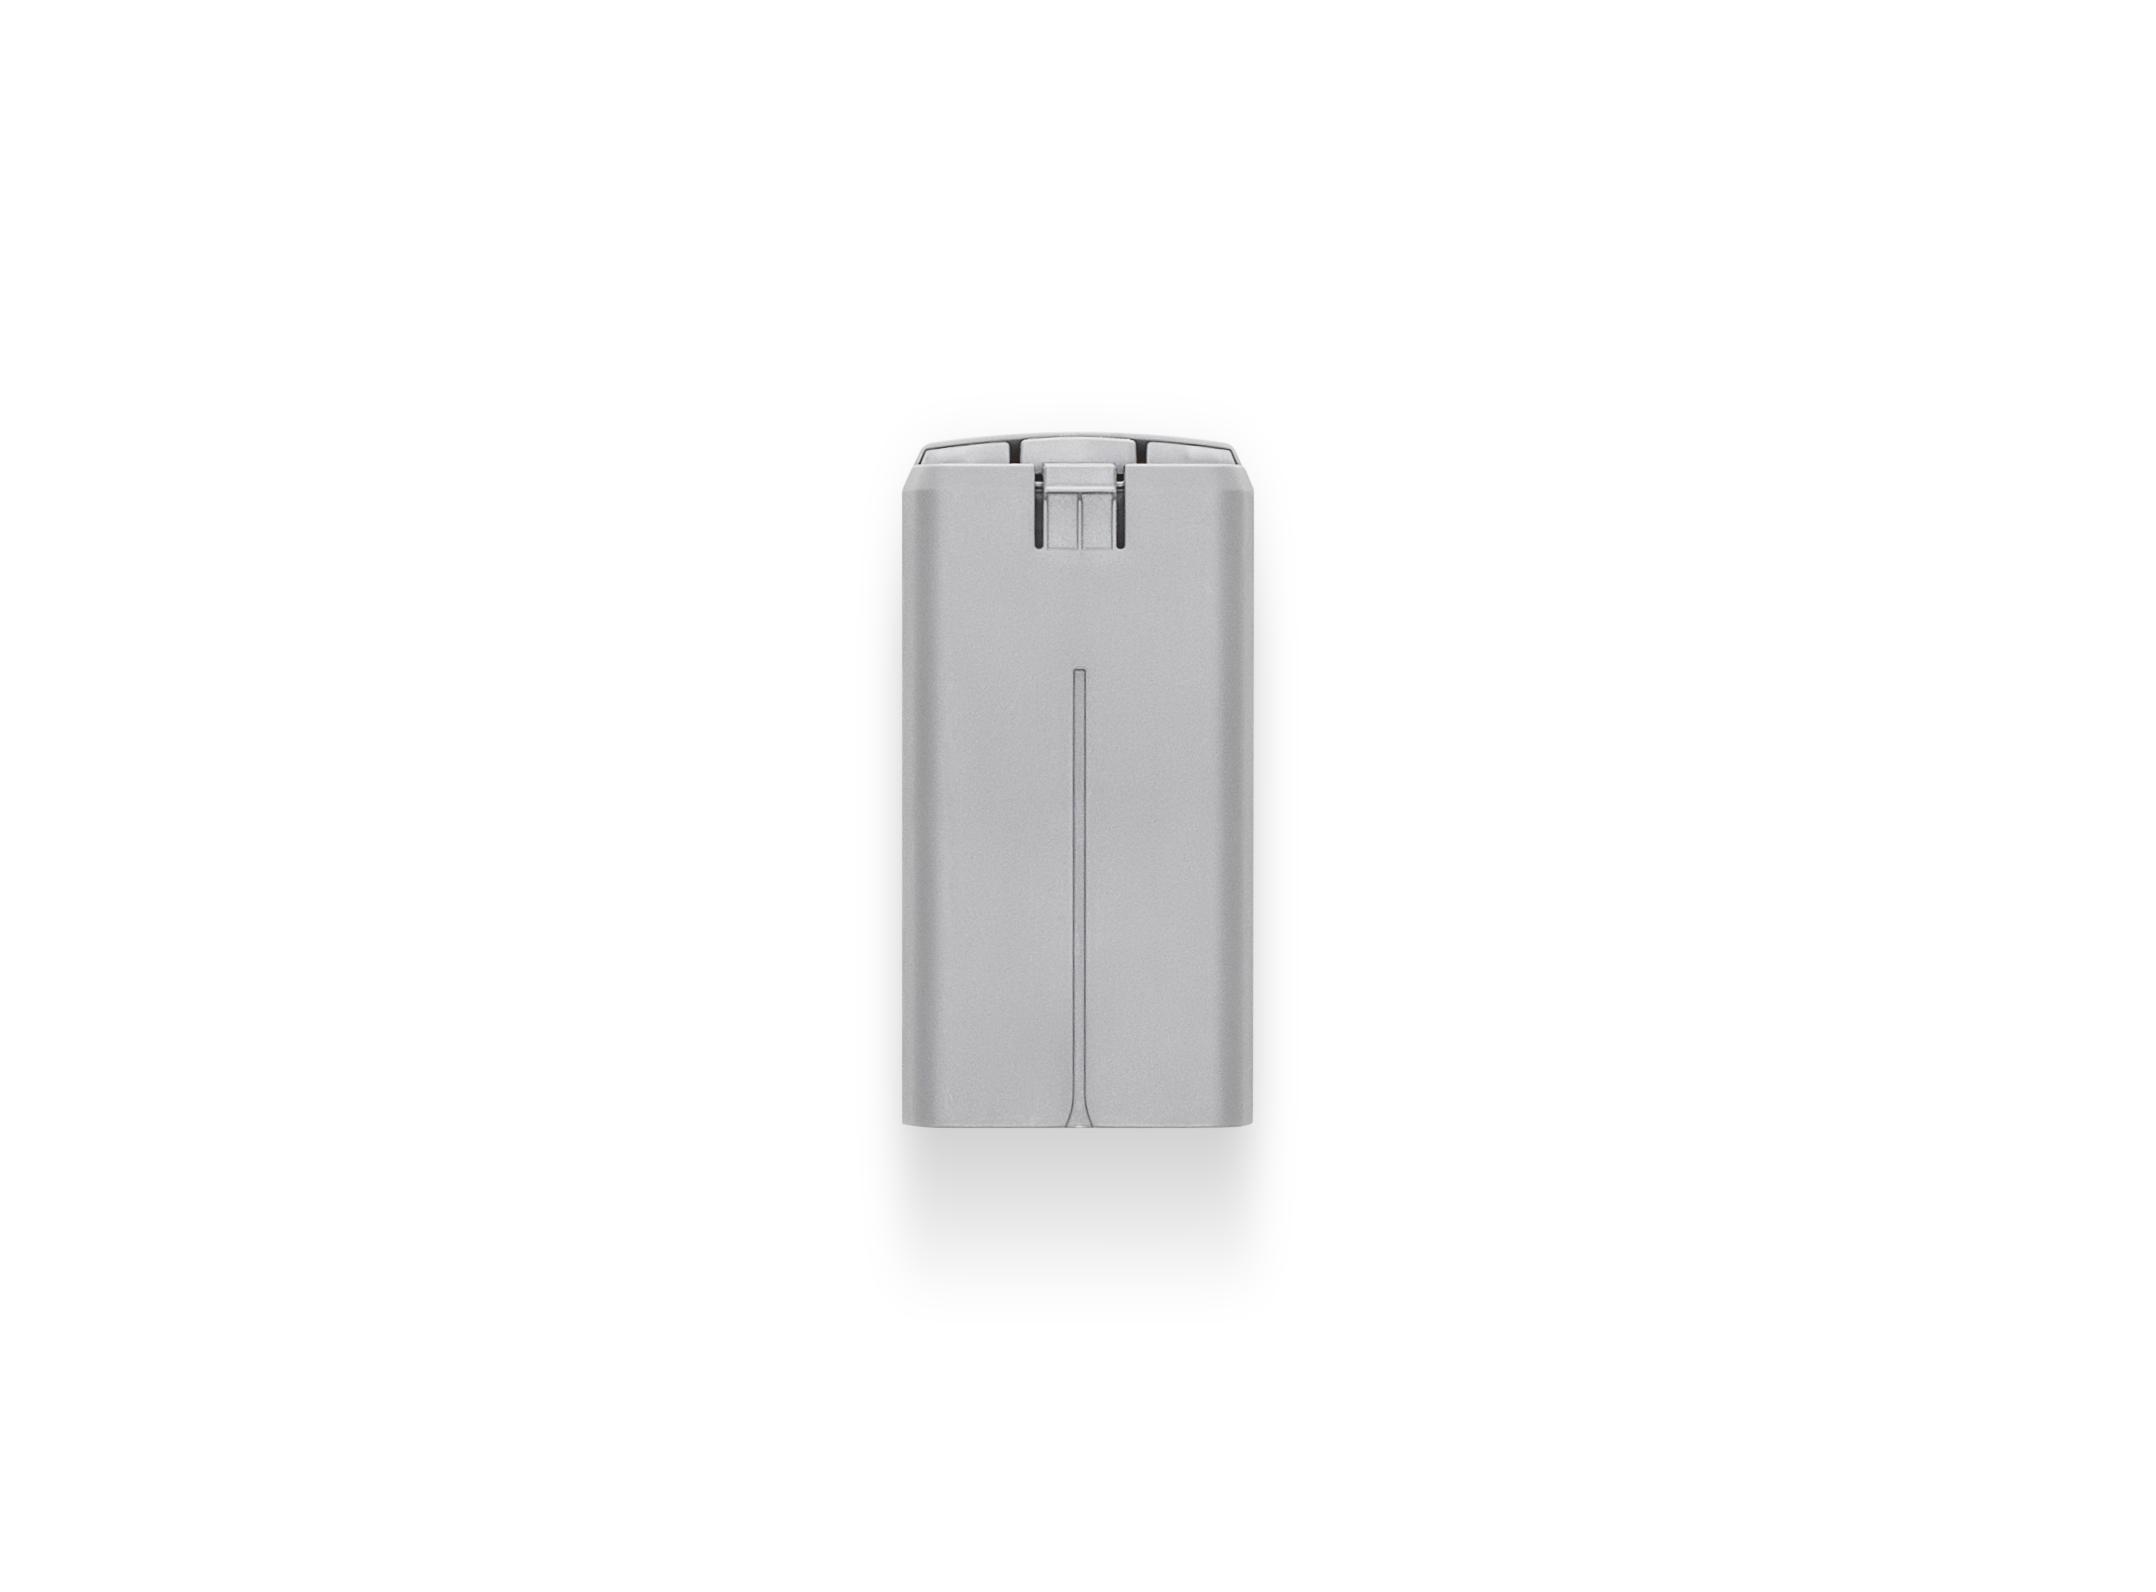 DJI Mini 2 batteries